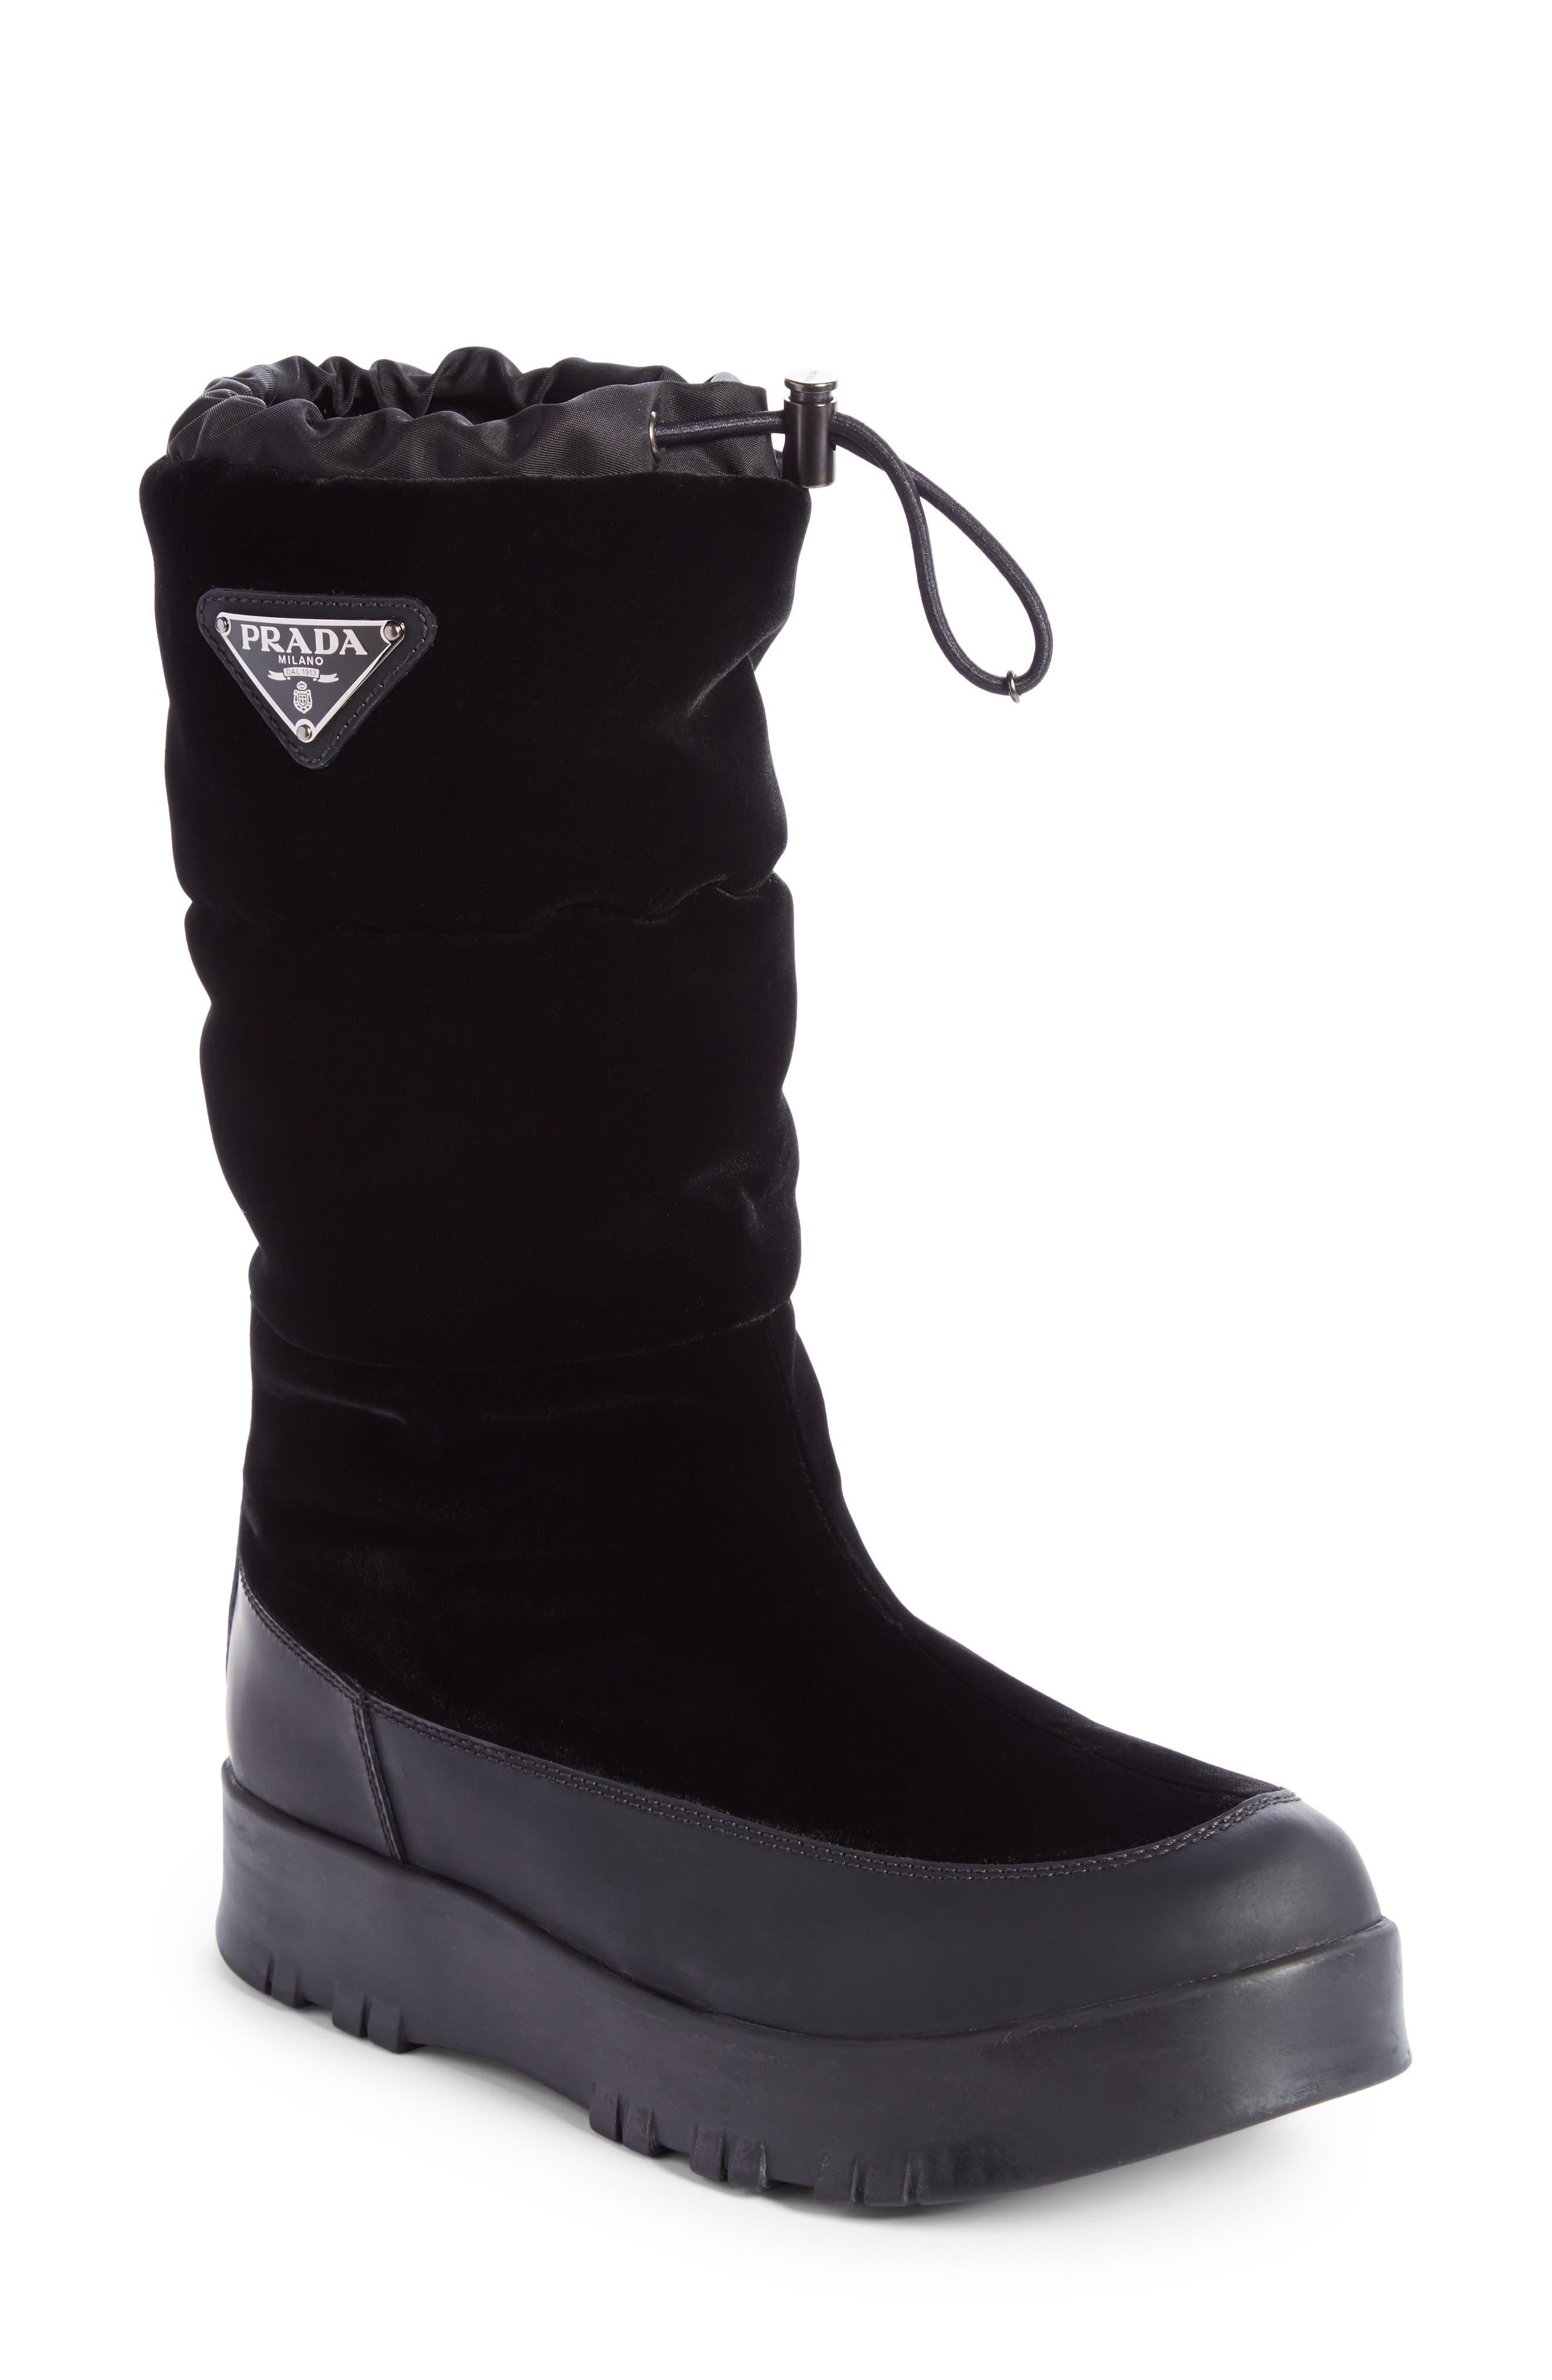 Main Image - Prada Linea Rossa Logo Flatform Snow Boot (Women)